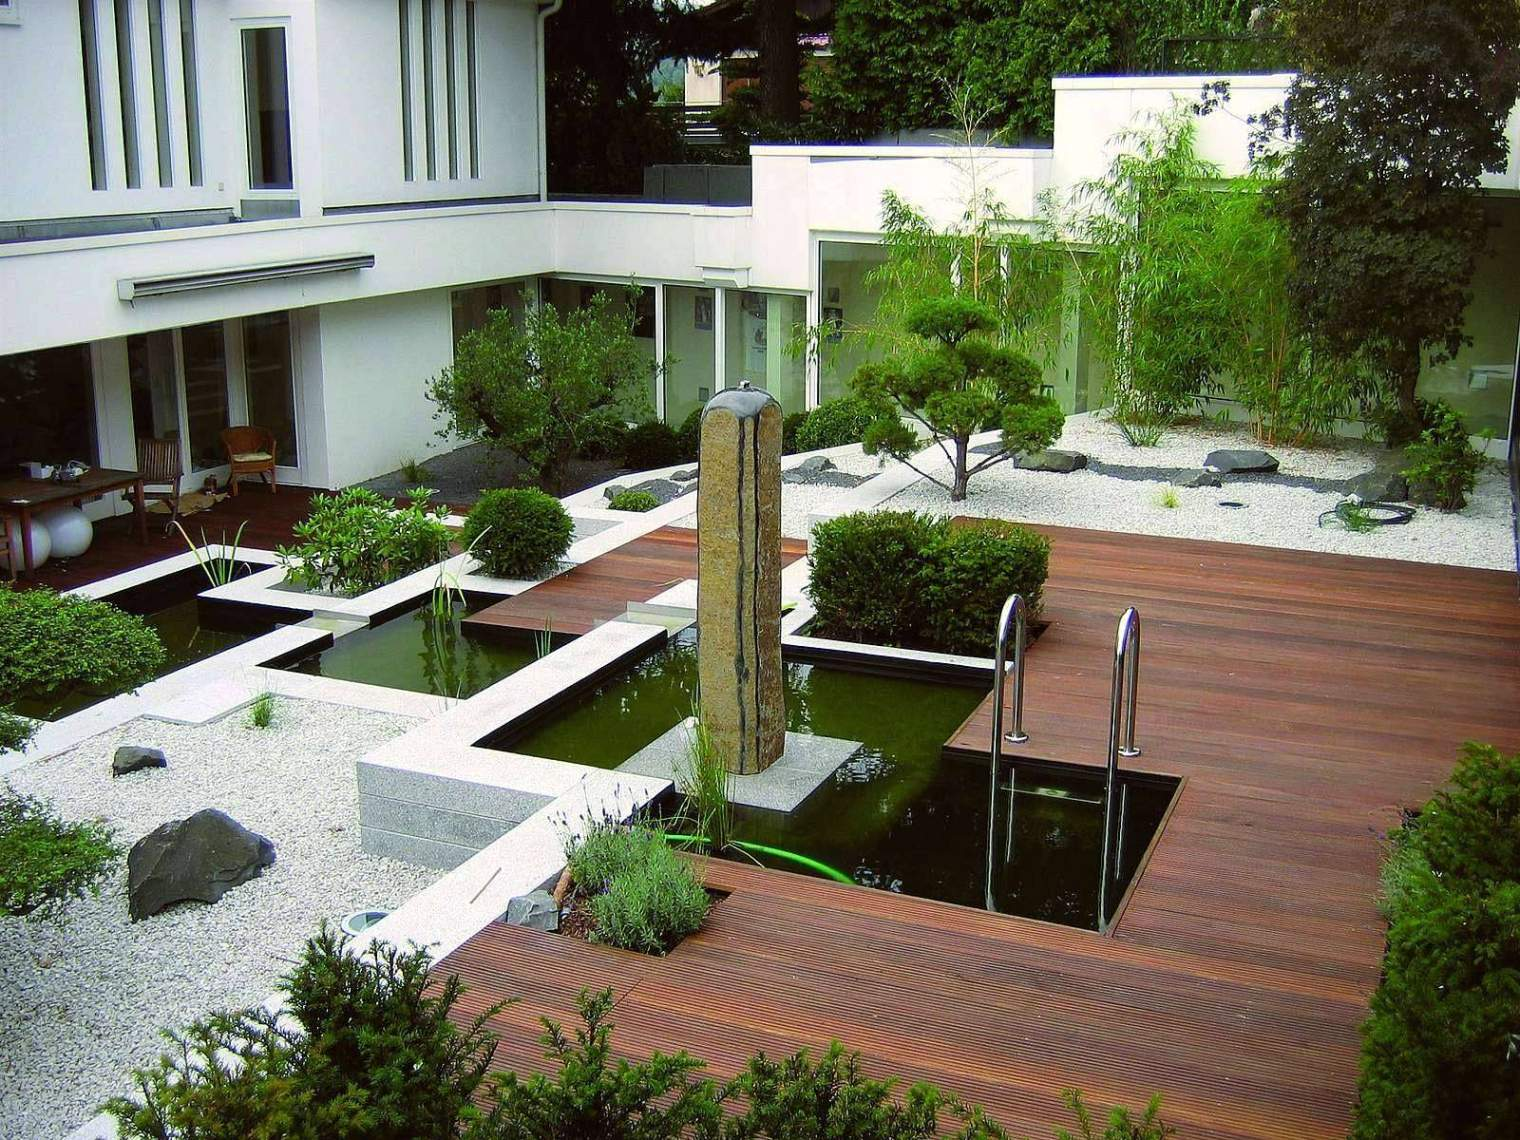 Moderne Kleine Gärten Schön 39 Frisch Kleine Gärten Gestalten Beispiele Reizend